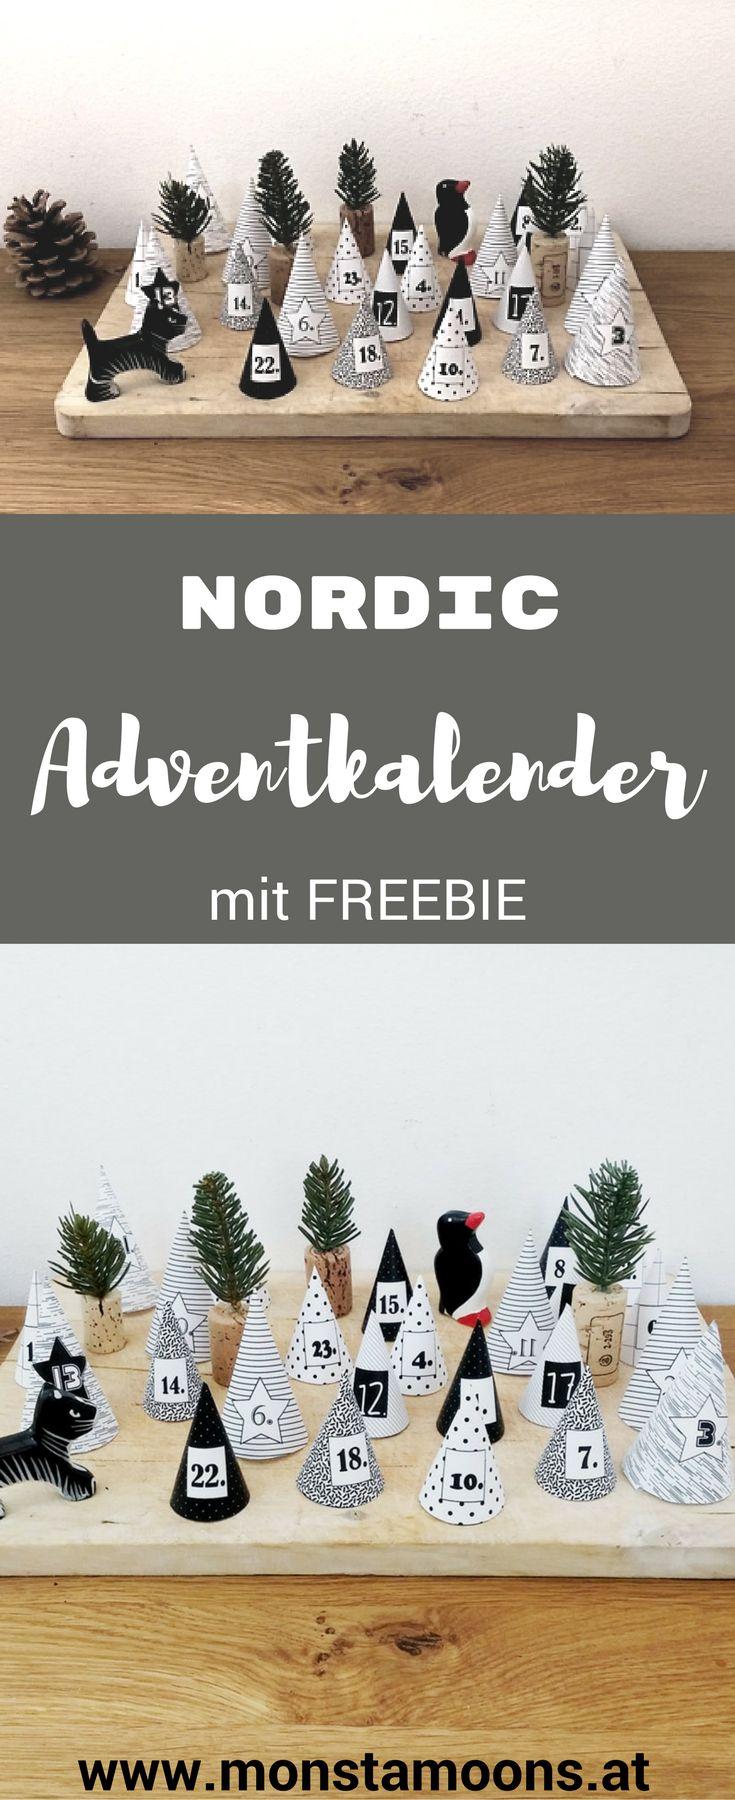 Adventkalender bastelnen, DIY Adventskalender, nordic Adventkalender, Basteln für Weihnachten